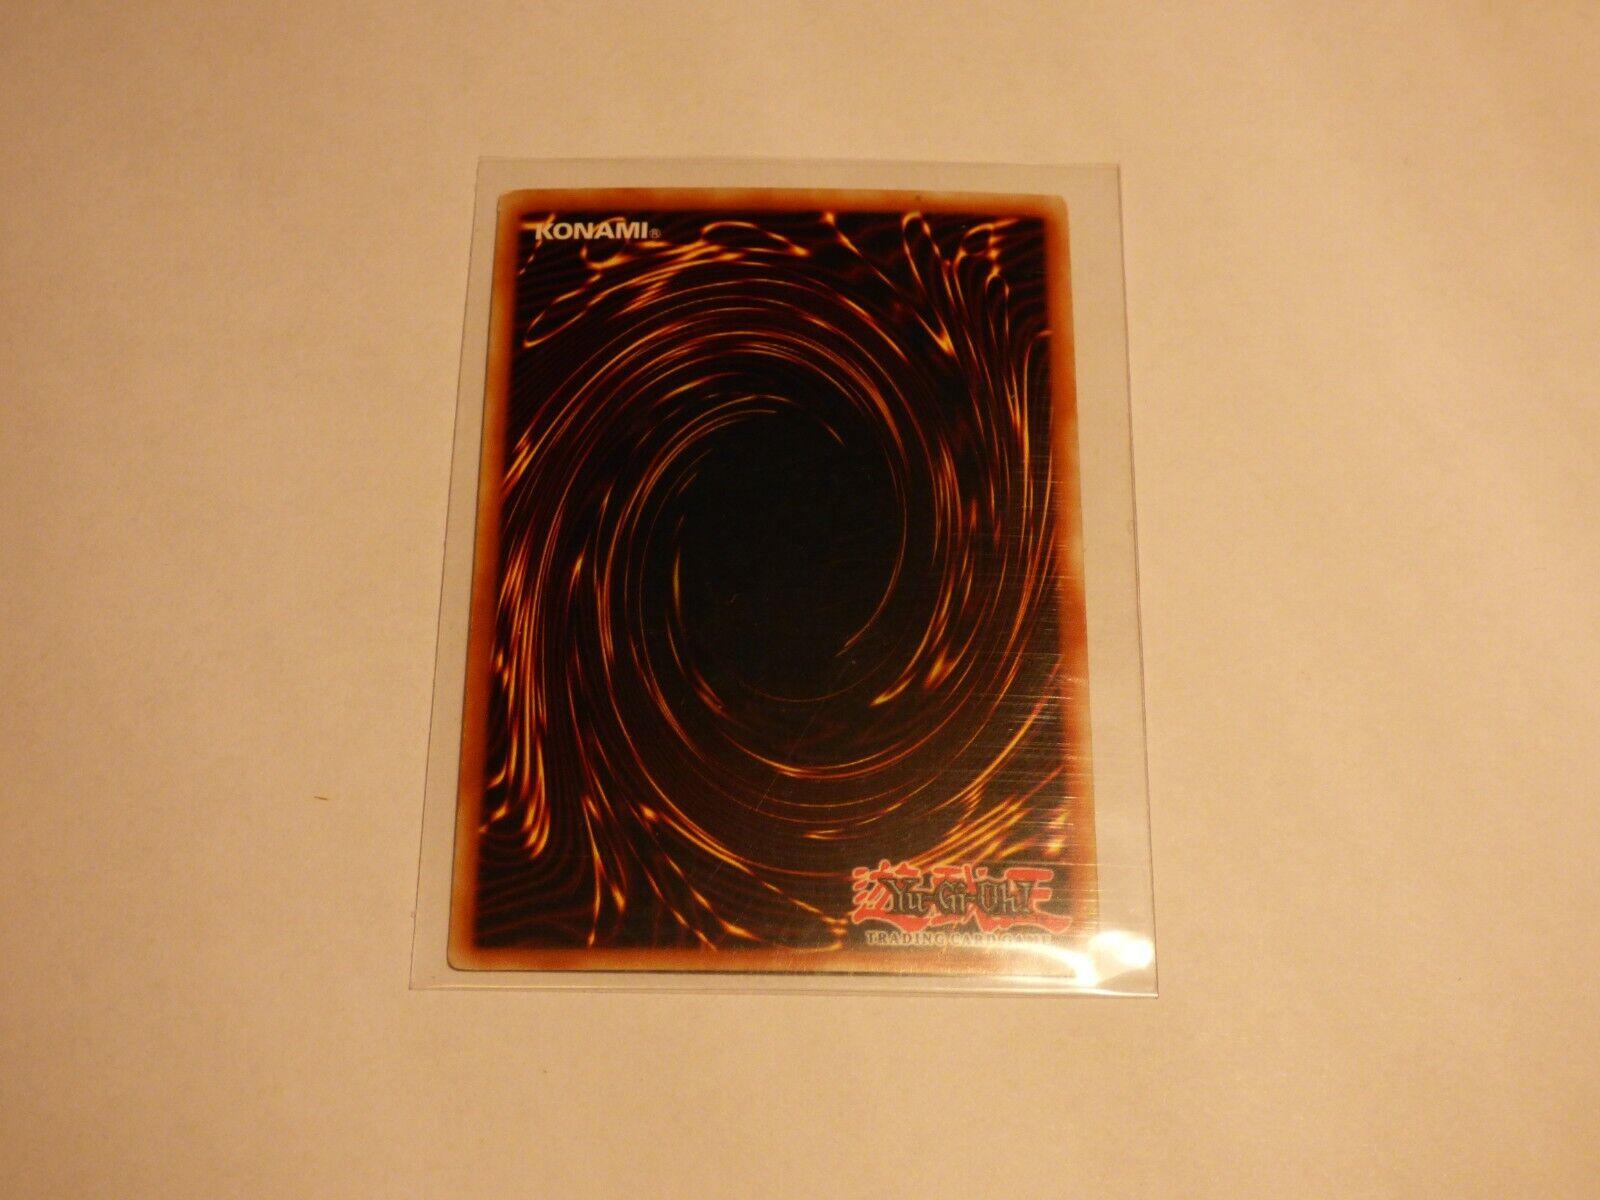 Yu-Gi-Oh Card - Red-Eyes Black Metal Dragon - PP01-EN015 - Mild Play - $9.89